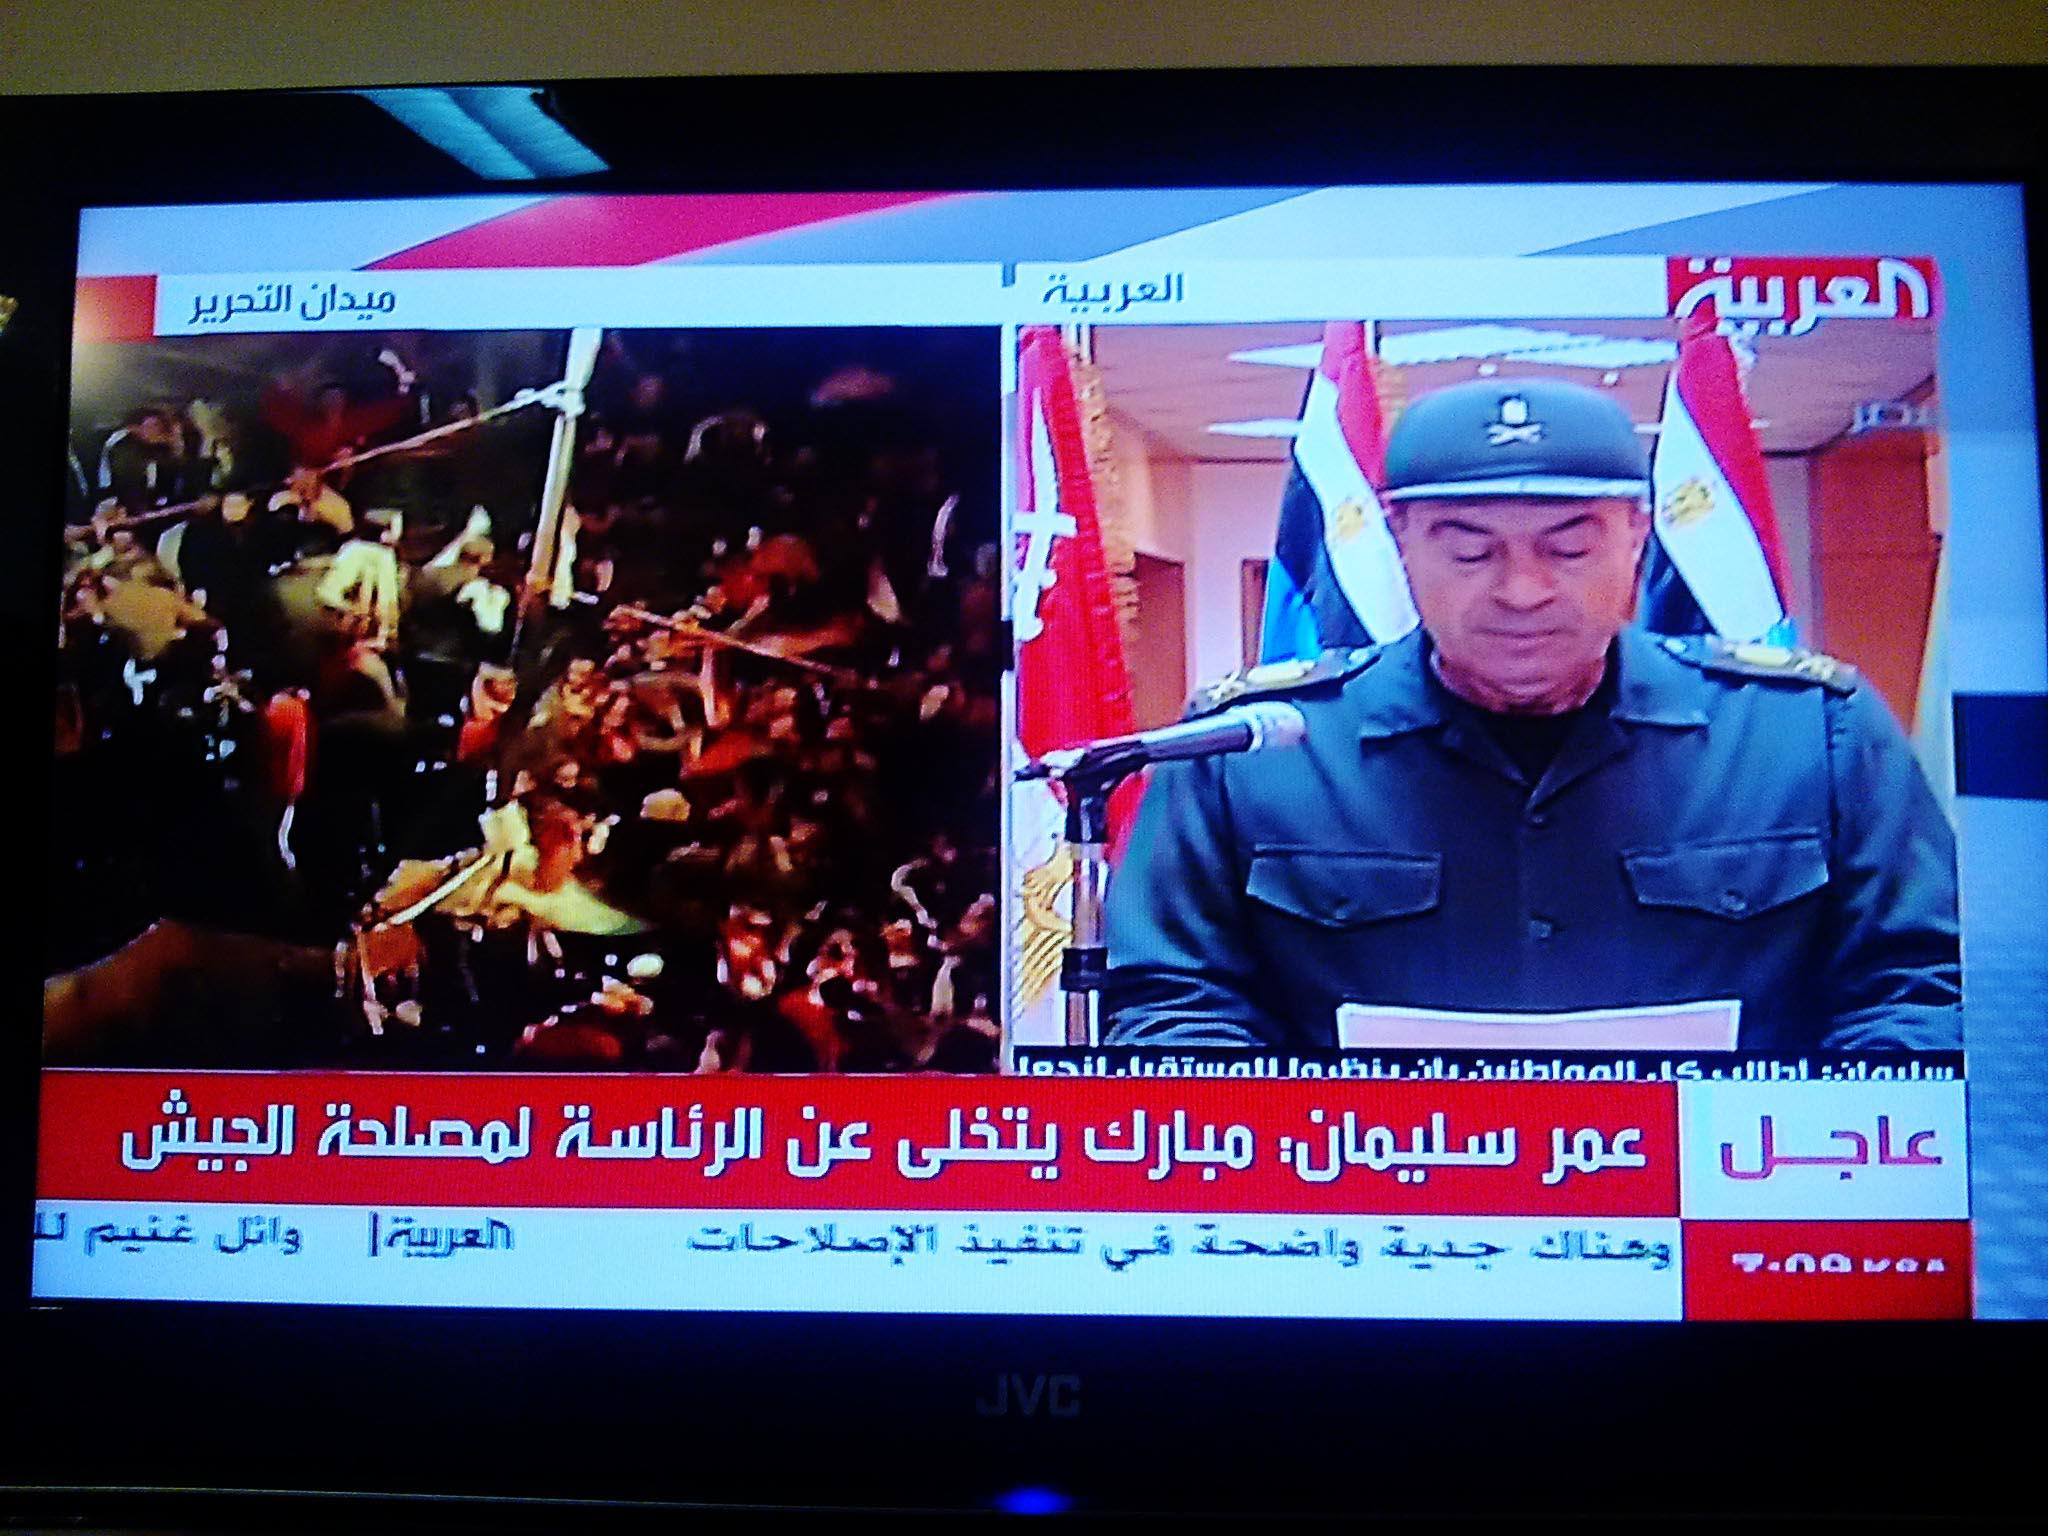 مبروك للشعب المصري